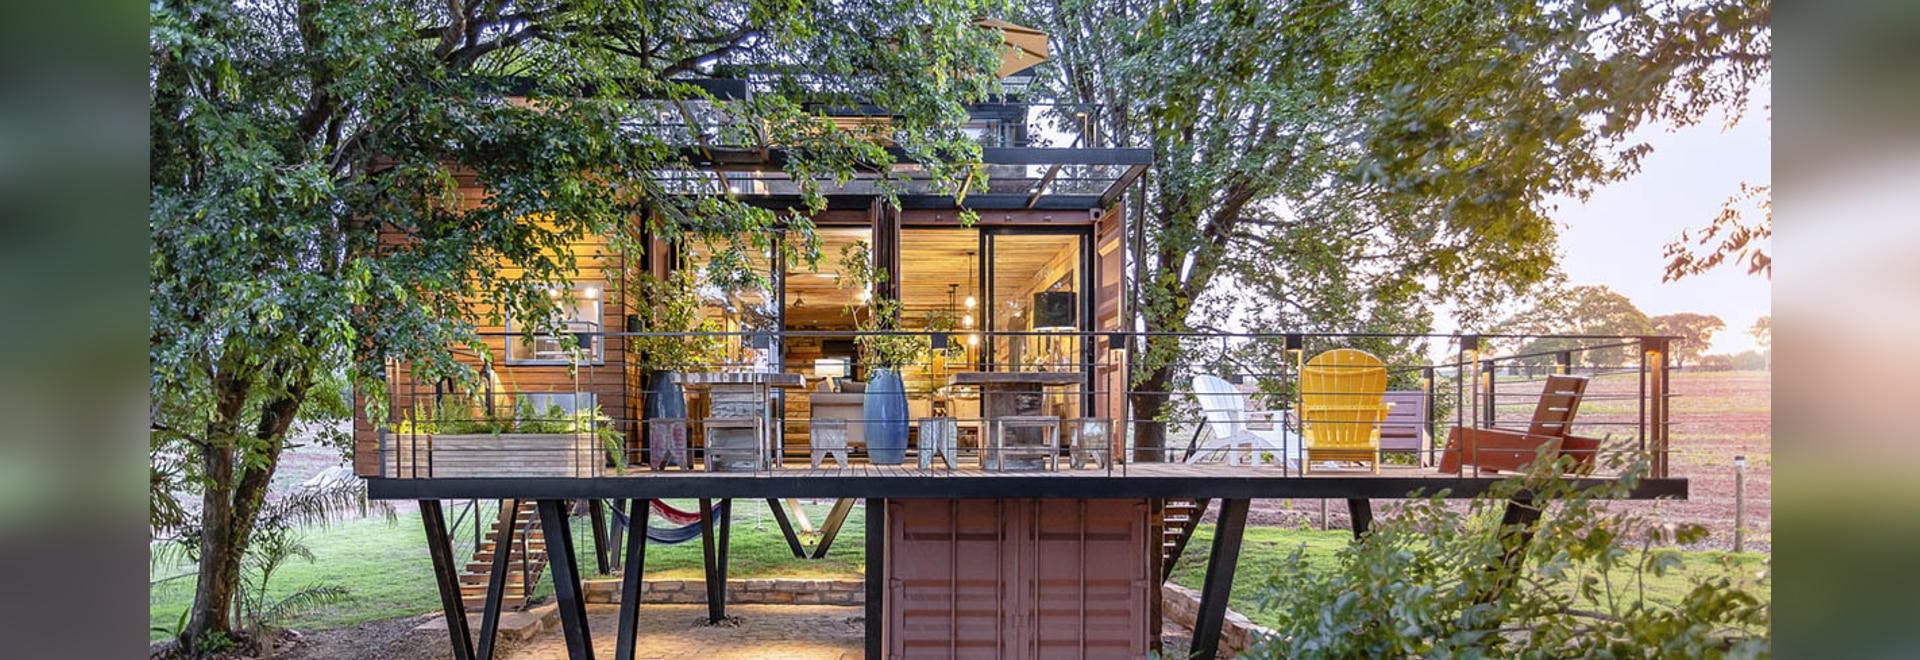 Casa Container Marília ha costruito una casa container autosufficiente, costruita su pilastri di metallo in Brasile